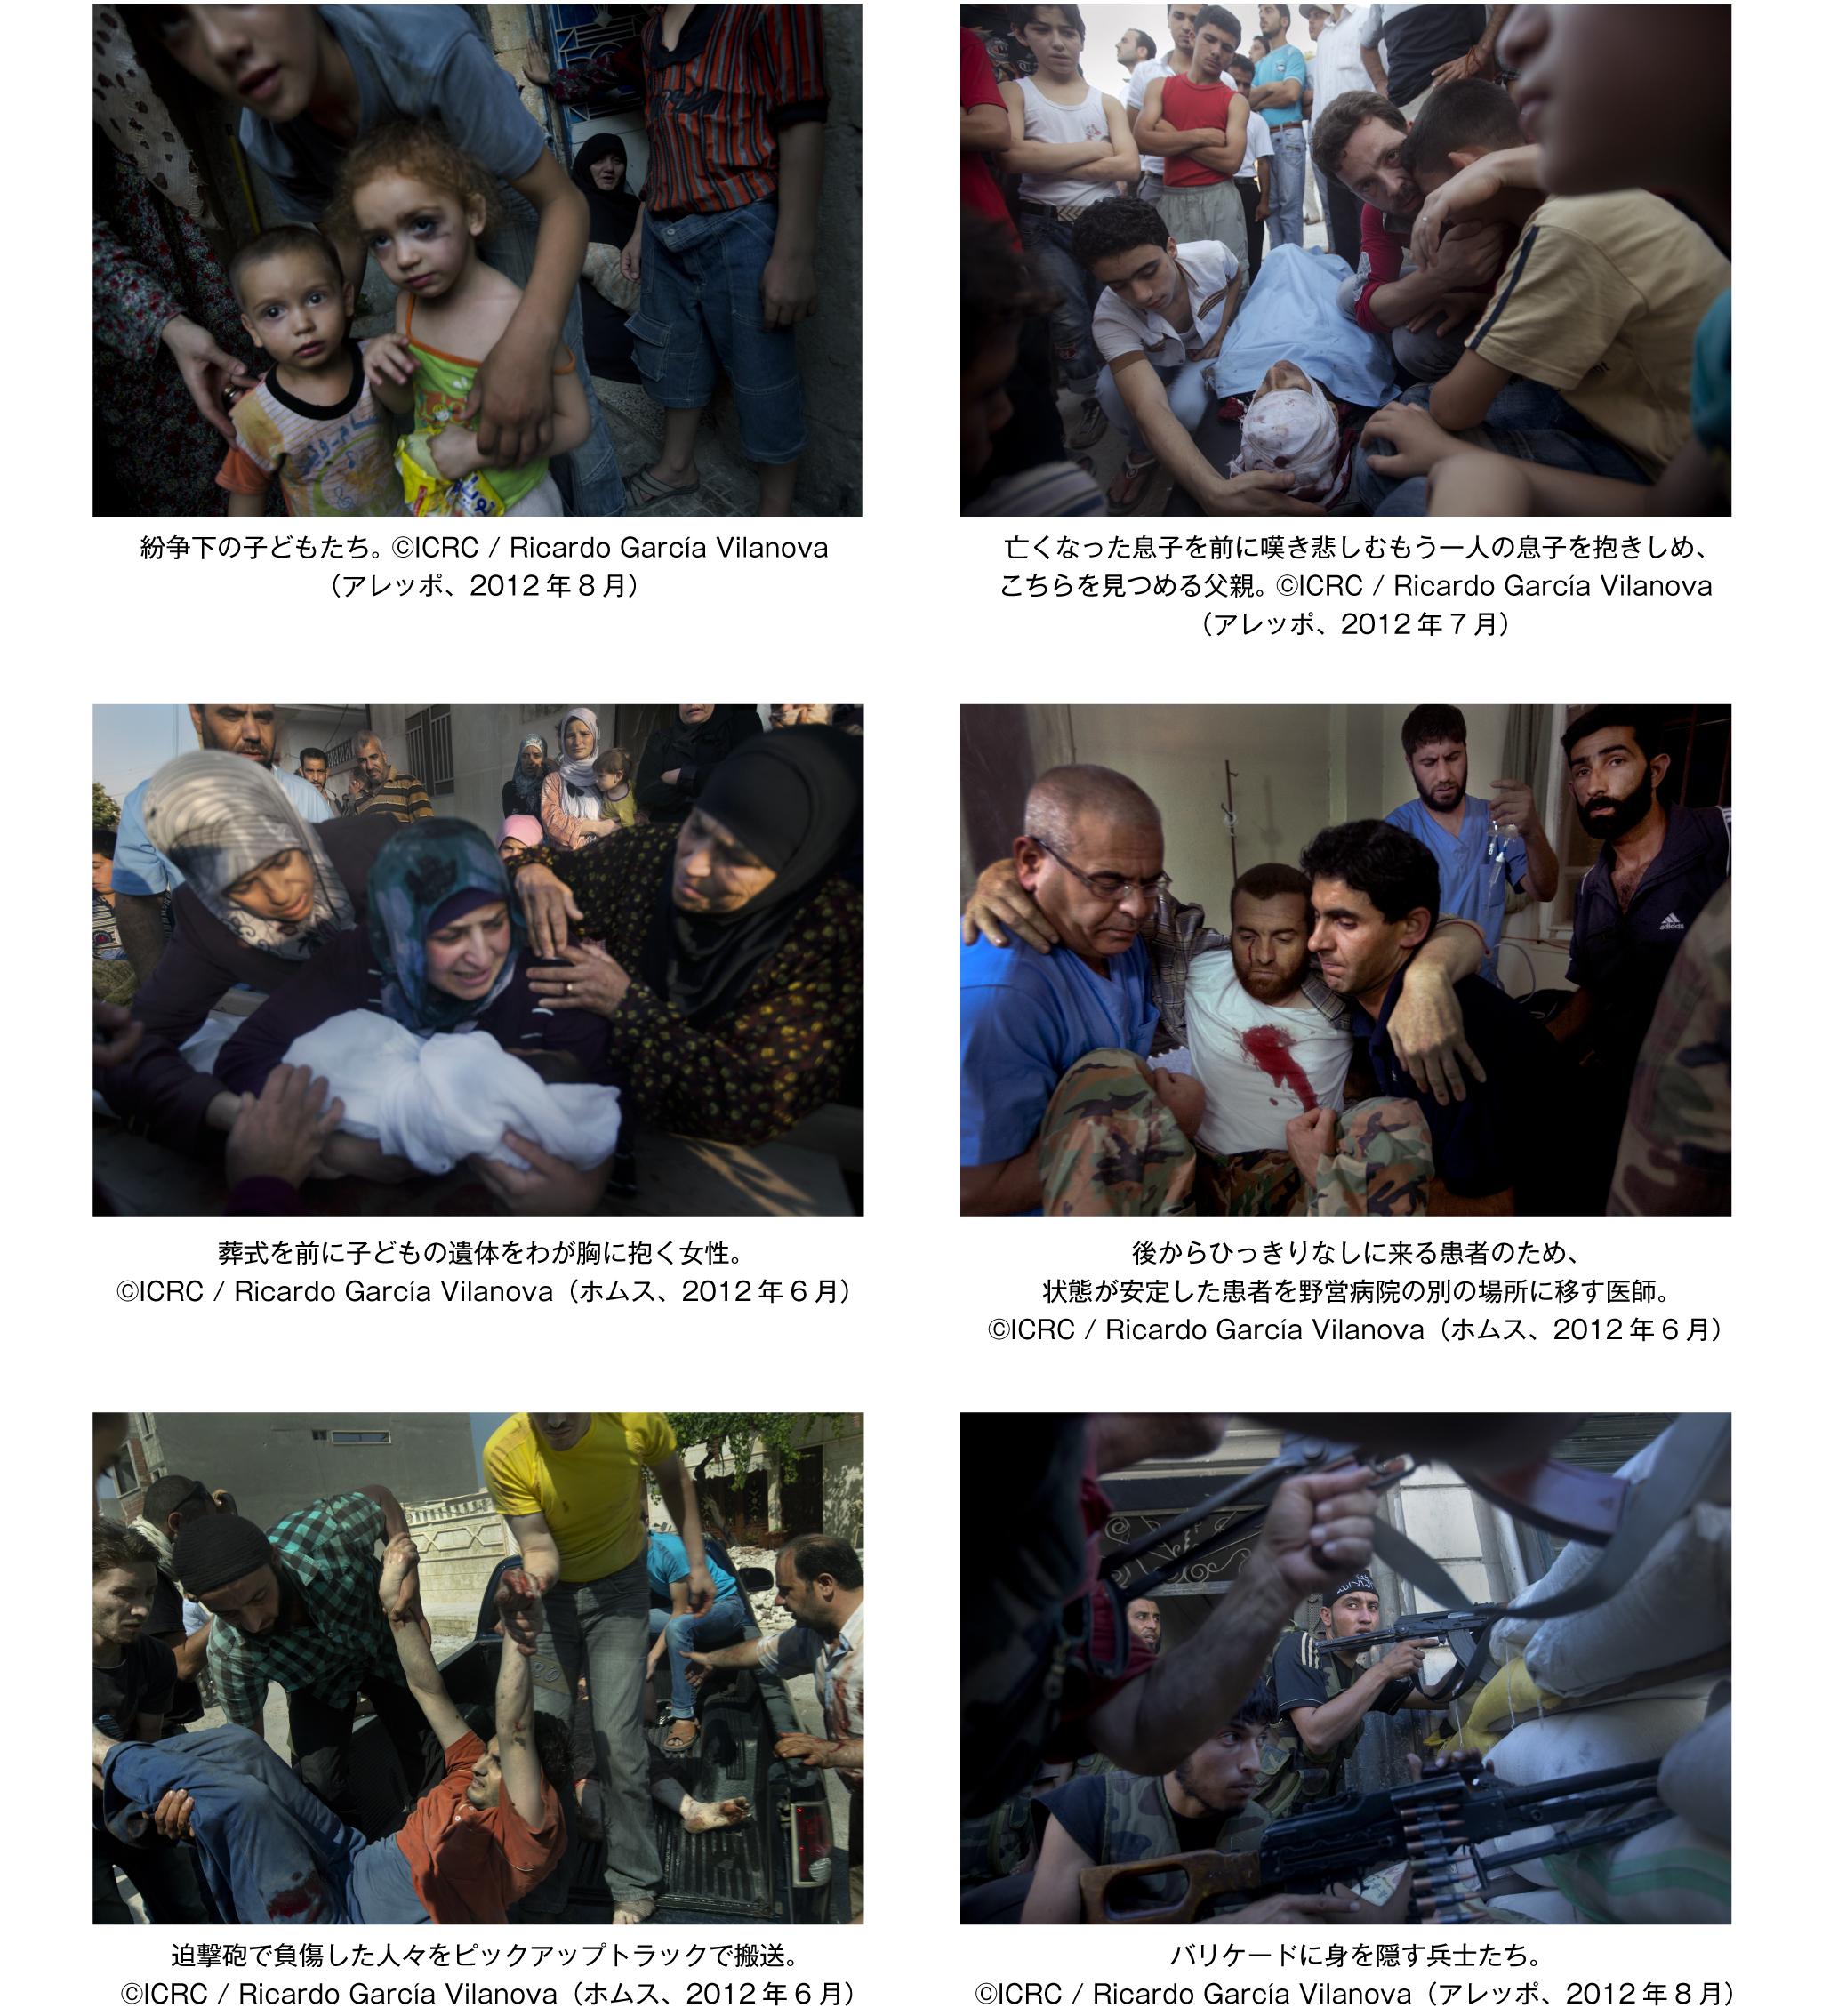 亡くなった子供を見つめる親や救助するために奔走する医師や人々、顔にあざのある子供や兵士たち